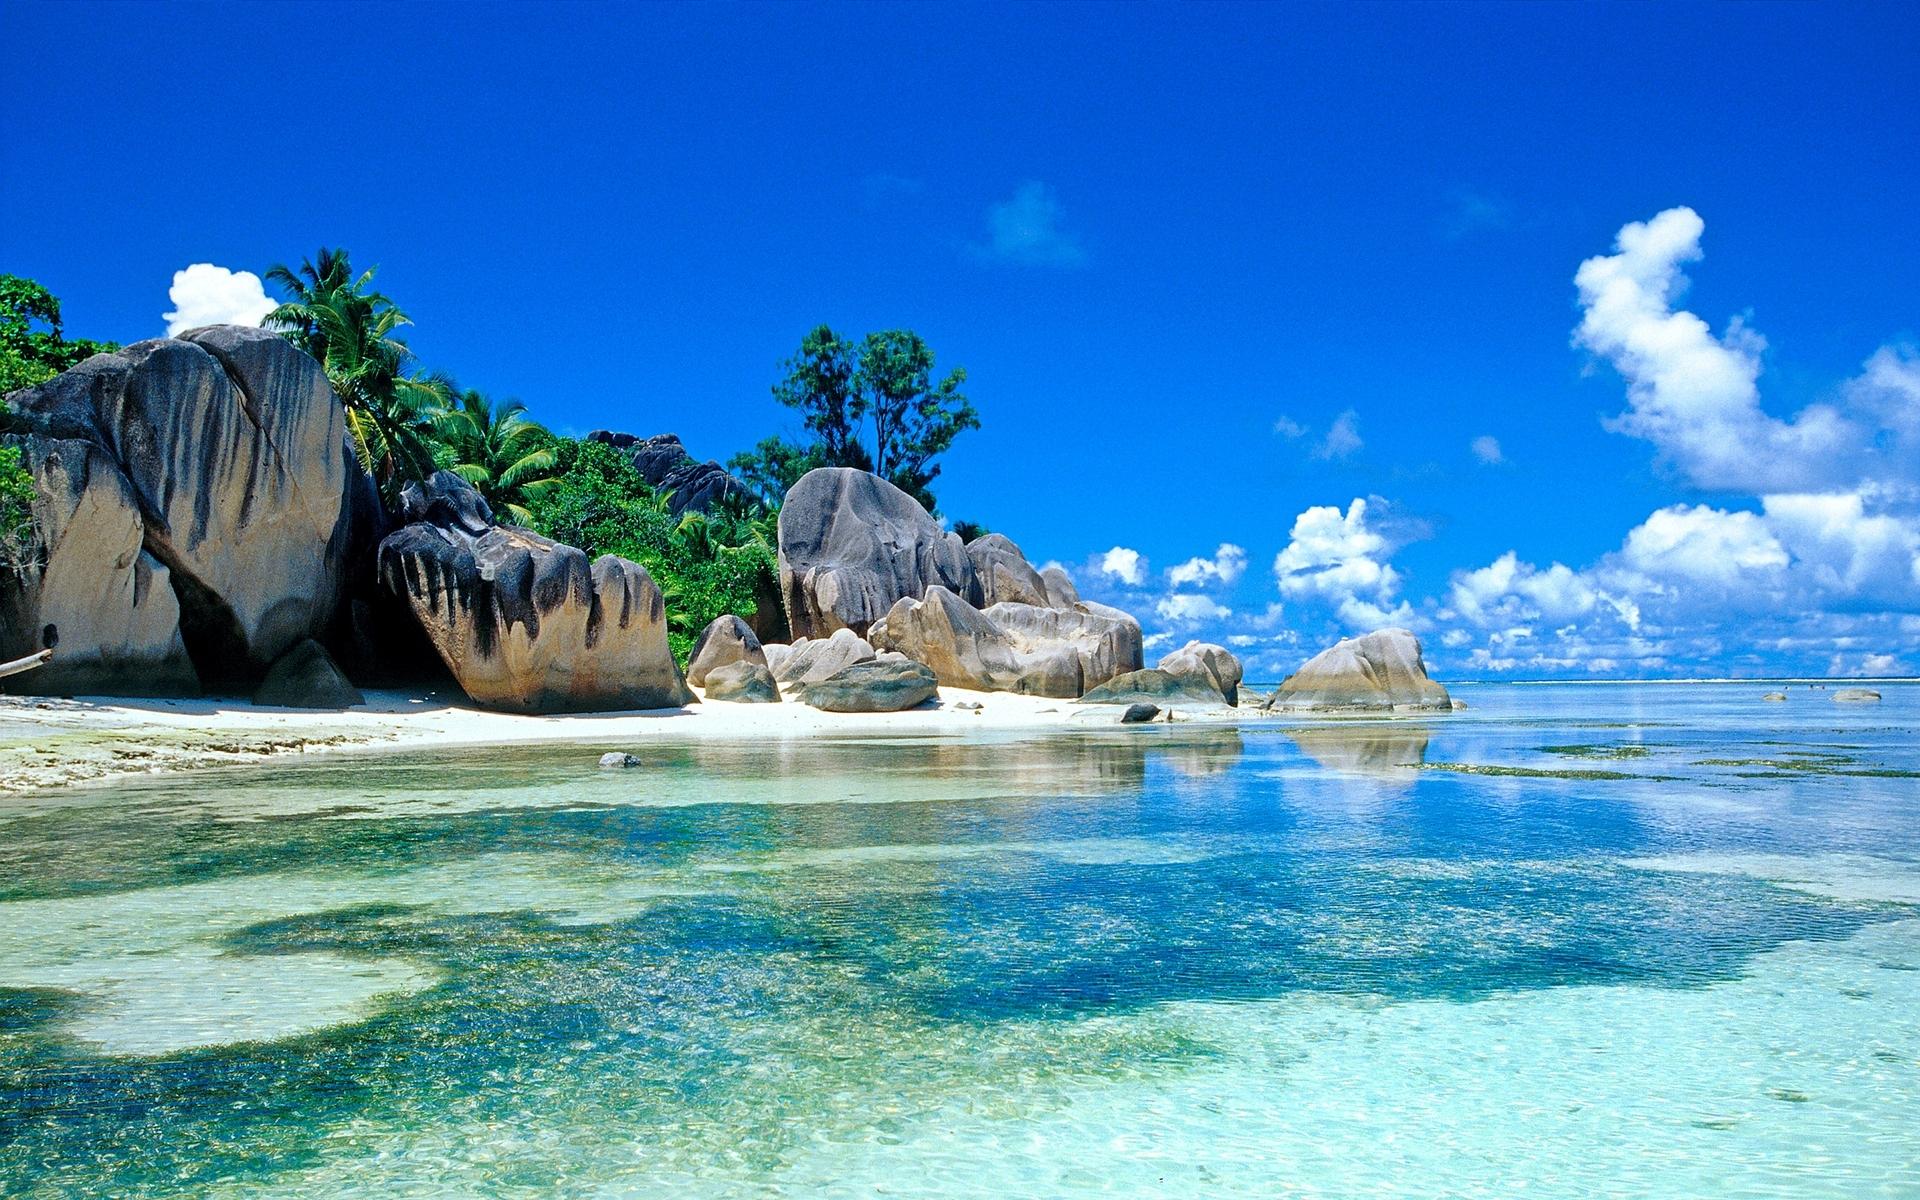 Лучшие пляжи мира фото с названиями